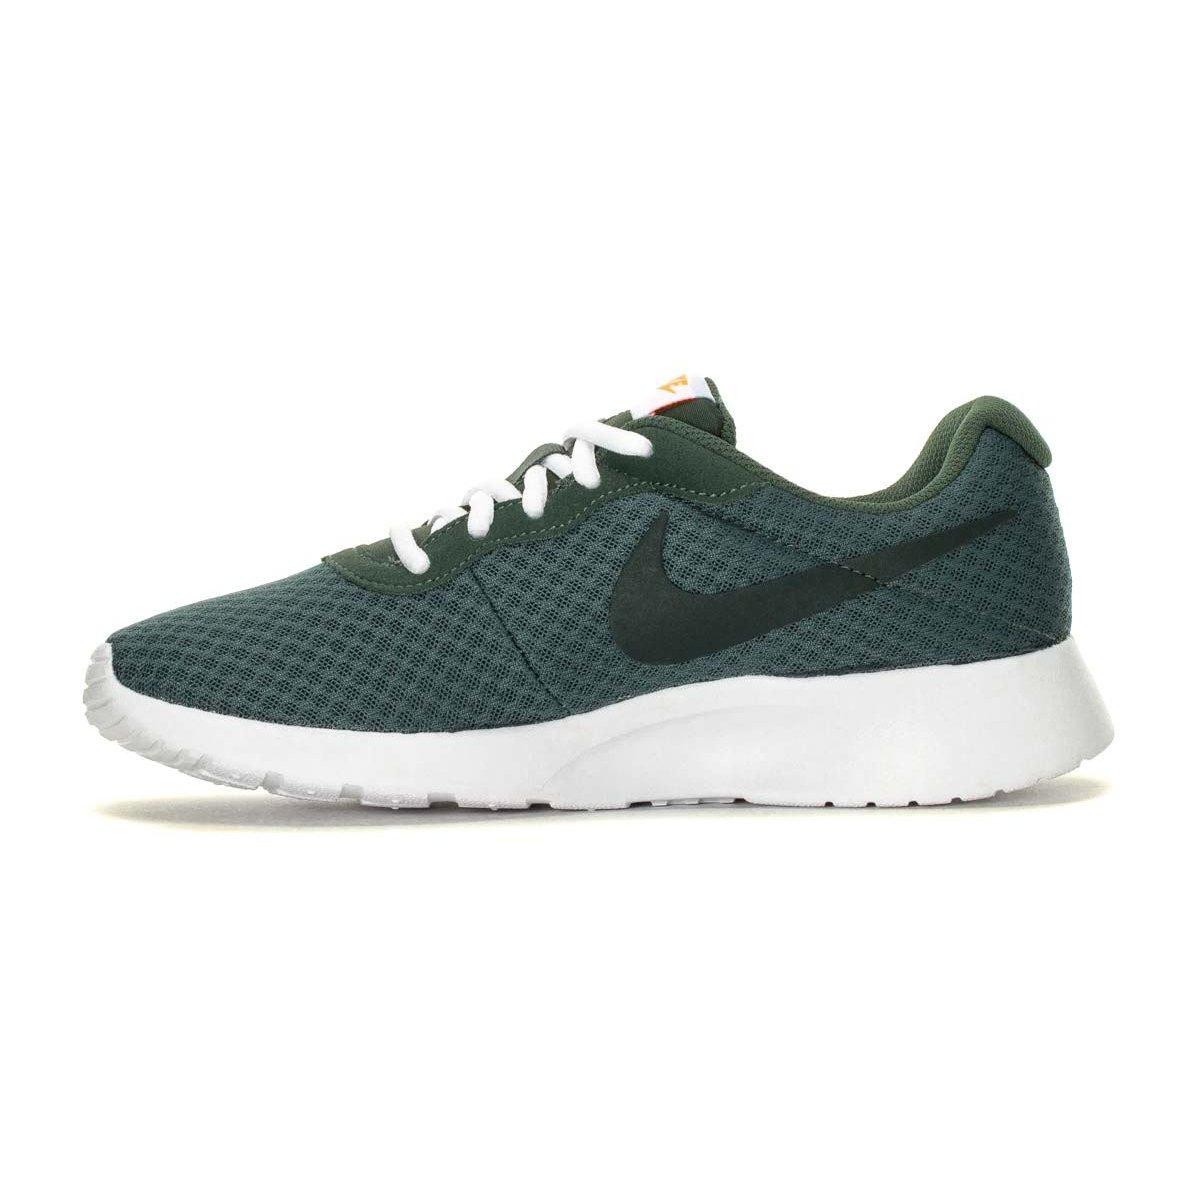 NIKE Women's Tanjun Running US|Outdoor Shoes B0059ER1NQ 8 B(M) US|Outdoor Running Green/Vintage Green ecde11